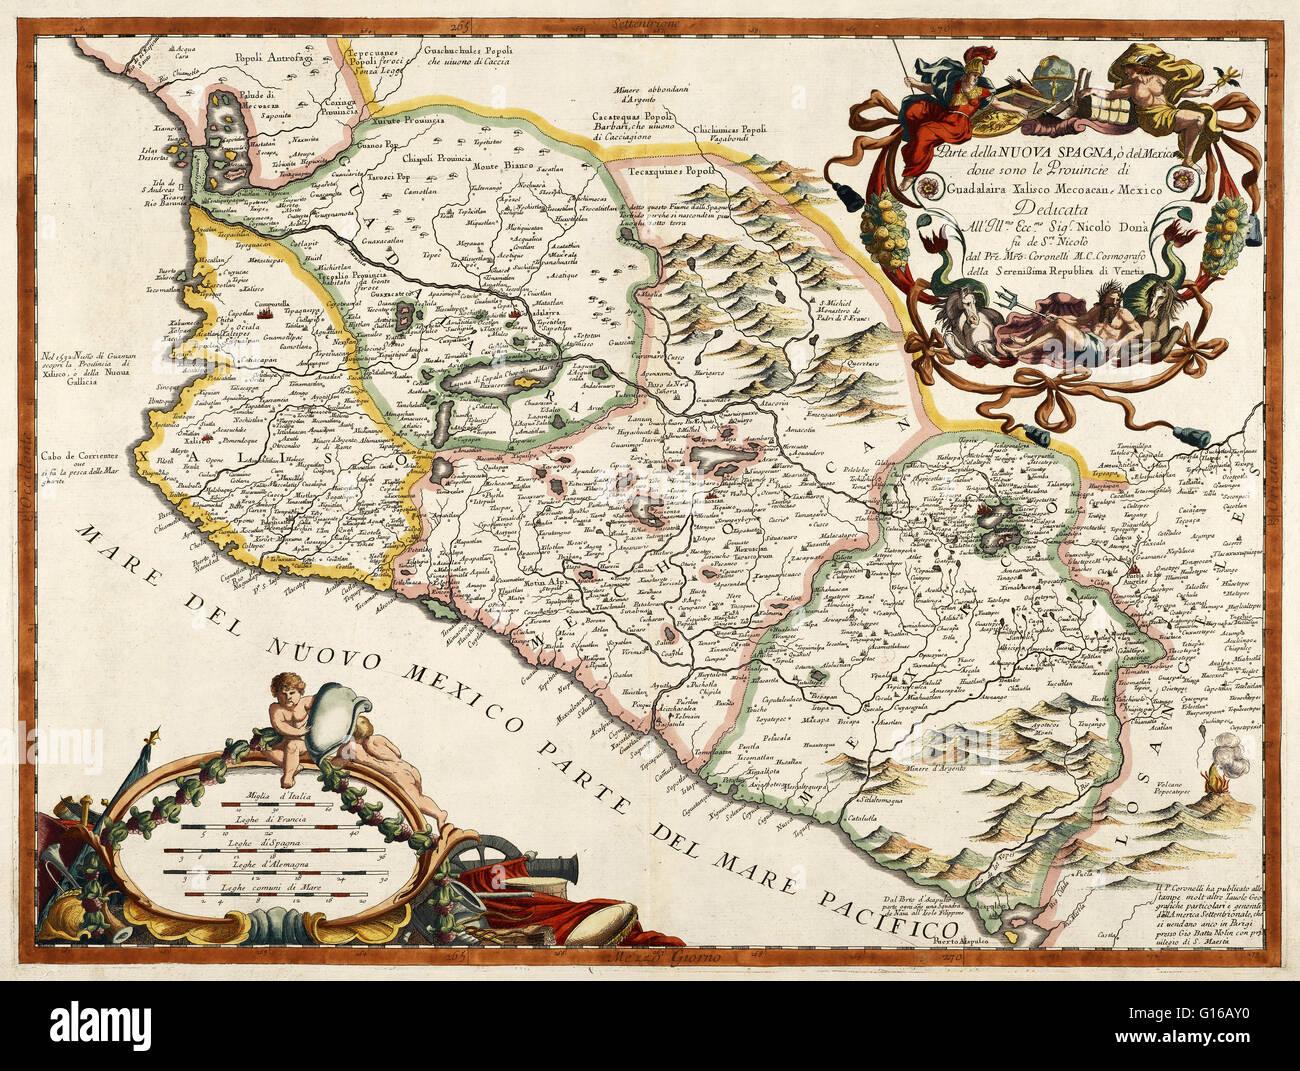 Mapa De Nueva España Siglo Xvi.Un Mapa Del Siglo Xvi De La Nueva Espana O Mexico Por Diego